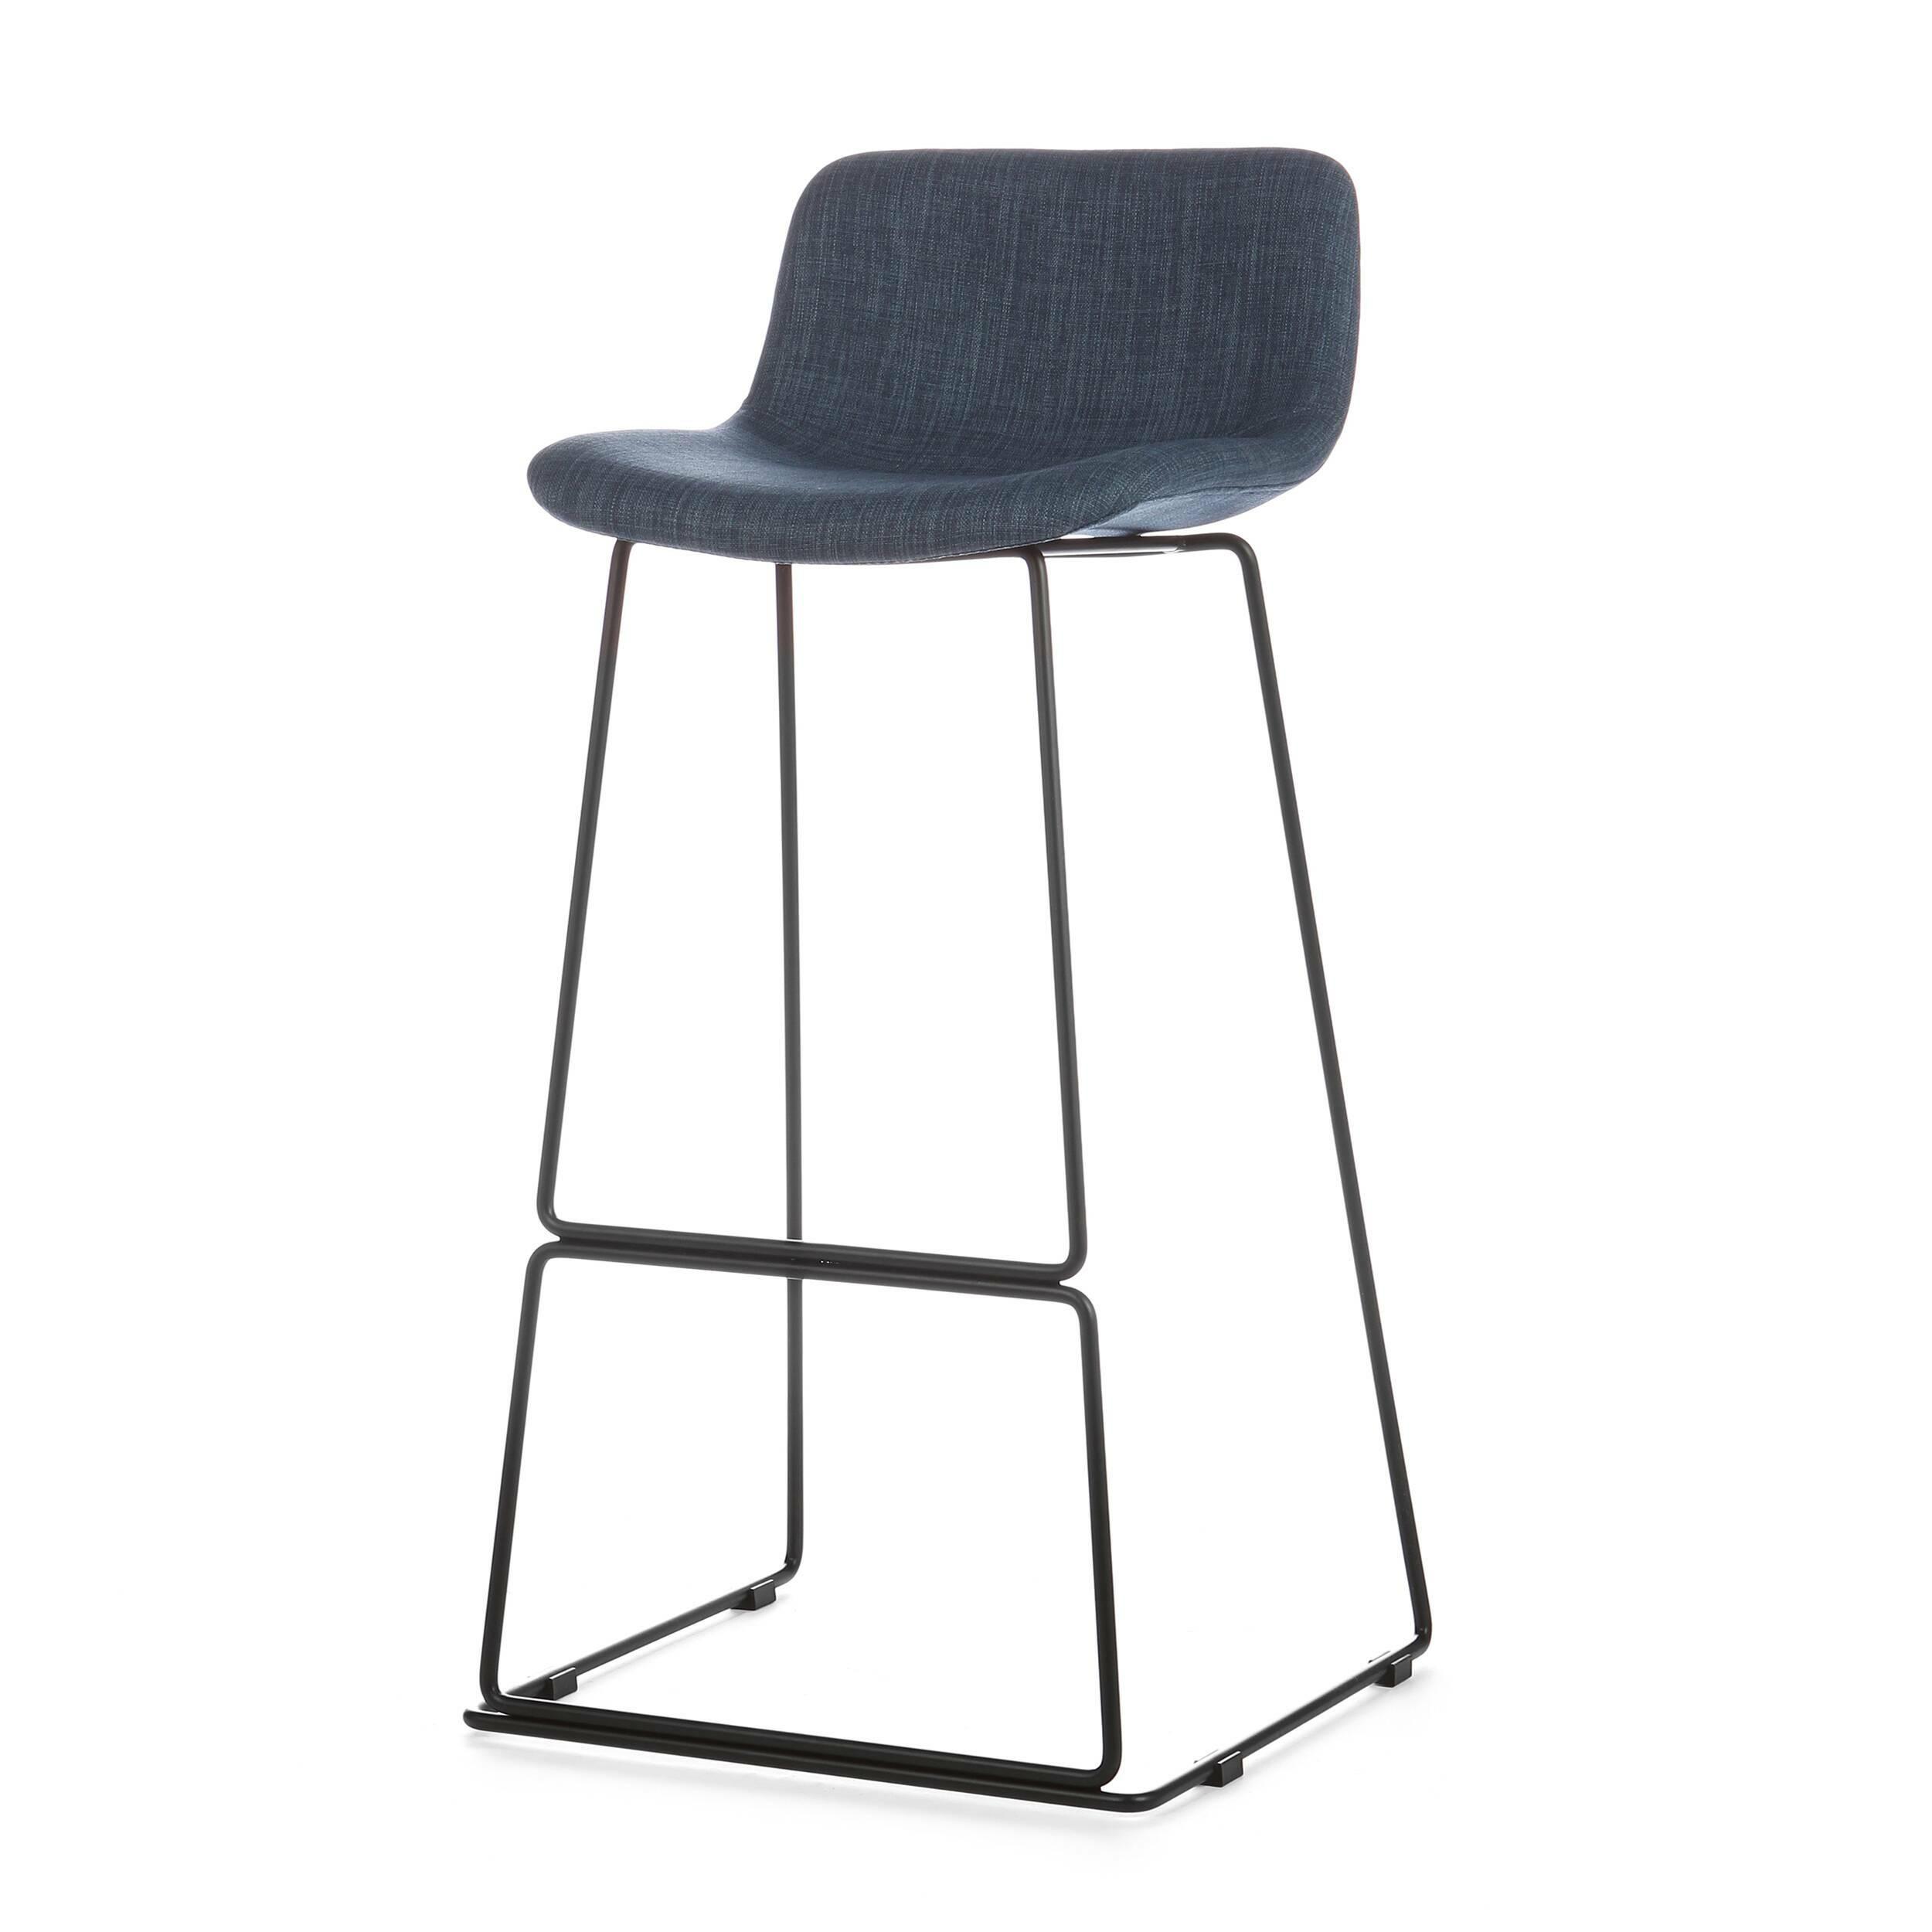 Барный стул Neo с мягкой обивкойБарные<br>Дизайнерский высокий барный стул Neo (Нео) с мягкой обивкой на стальных ножках от Cosmo (Космо). <br><br> Модель барного стула Neo с мягкой обивкой, основанная на оригинальных разработках шведского дизайнера Фредрика Маттсона, очаровывает с первого взгляда. Строение модели строго минималистичное. И в то же время универсальные цвета и геометрические формы со сглаженными углами замечательно впишутся в интерьерные композиции деревенского или конструктивного стиля, а также в некоторые интерпретации ...<br><br>stock: 0<br>Высота: 77<br>Высота спинки: 45<br>Ширина: 48,5<br>Глубина: 53,5<br>Цвет ножек: Черный<br>Цвет сидения: Синий<br>Тип материала сидения: Ткань<br>Тип материала ножек: Сталь